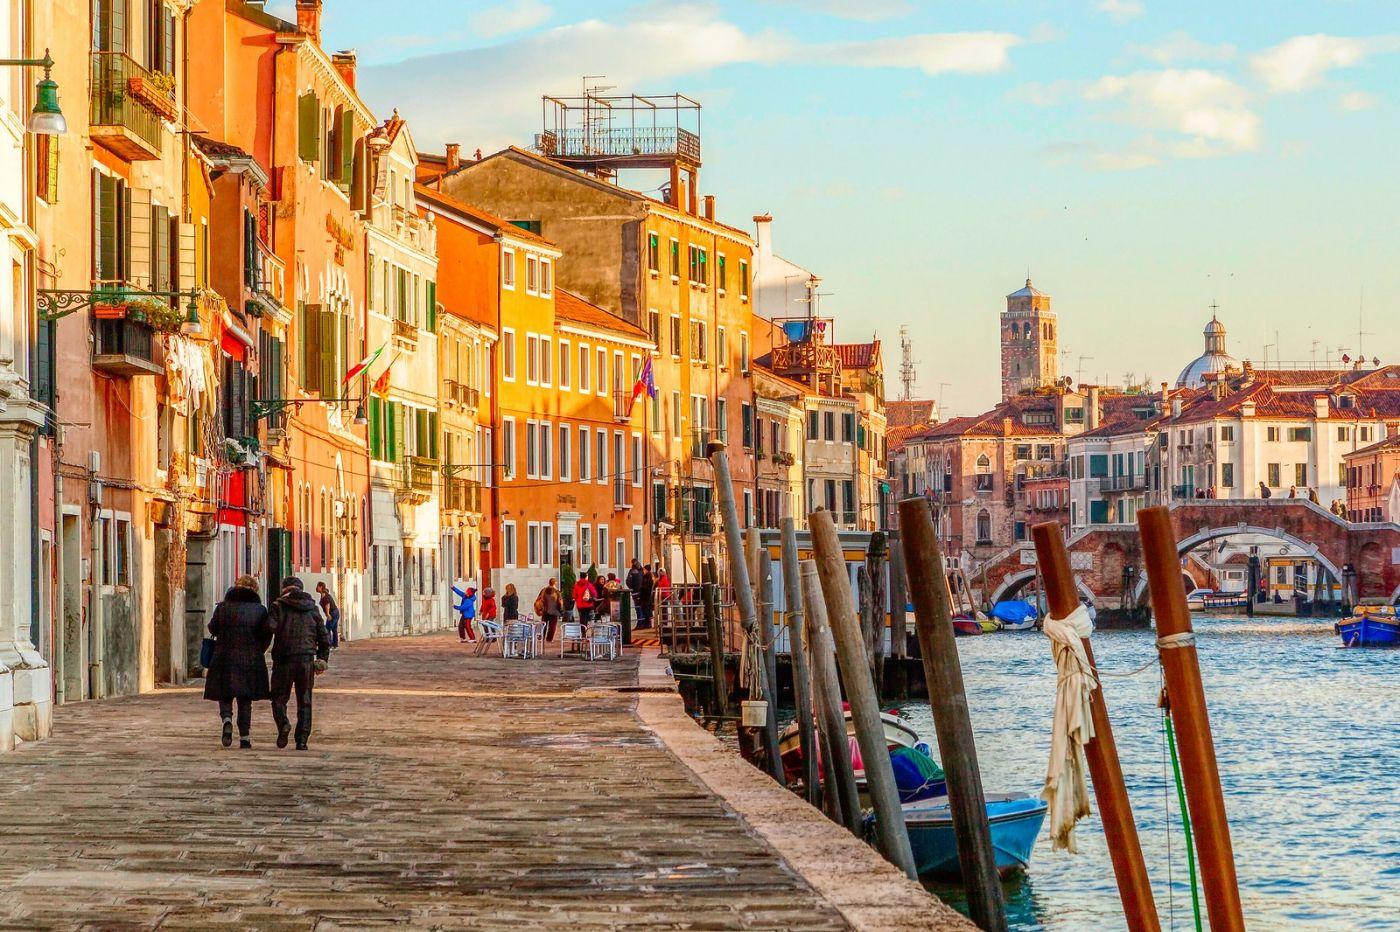 意大利威尼斯,水边建筑_图1-25